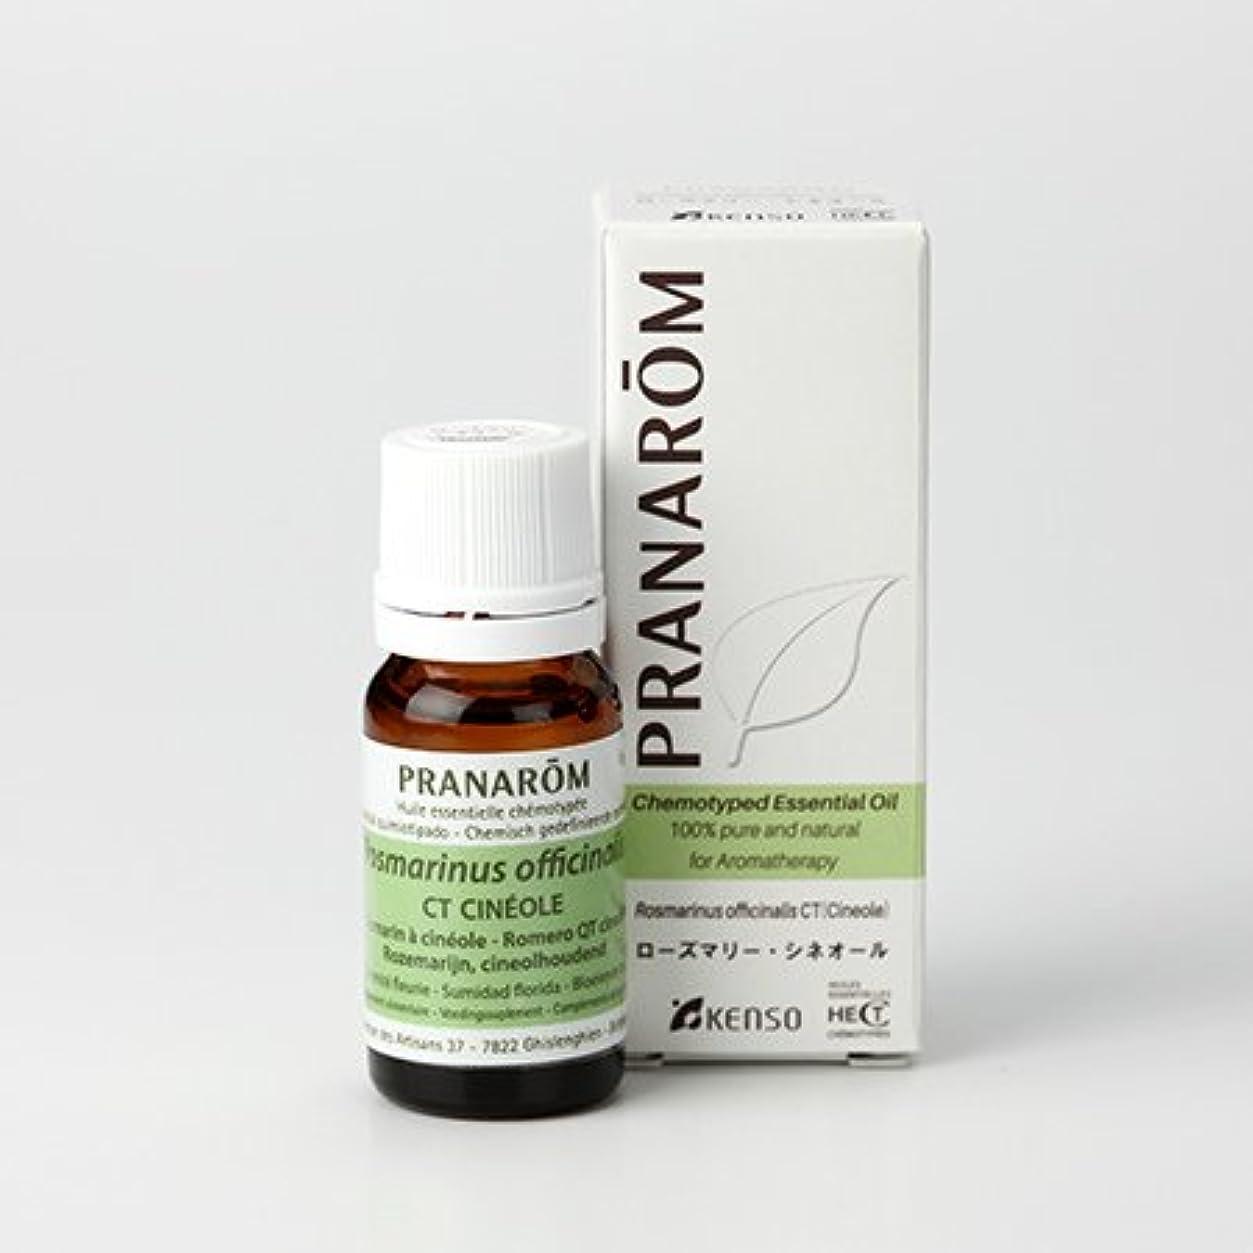 バイナリ森バルクプラナロム ローズマリーシネオール 10ml (PRANAROM ケモタイプ精油)